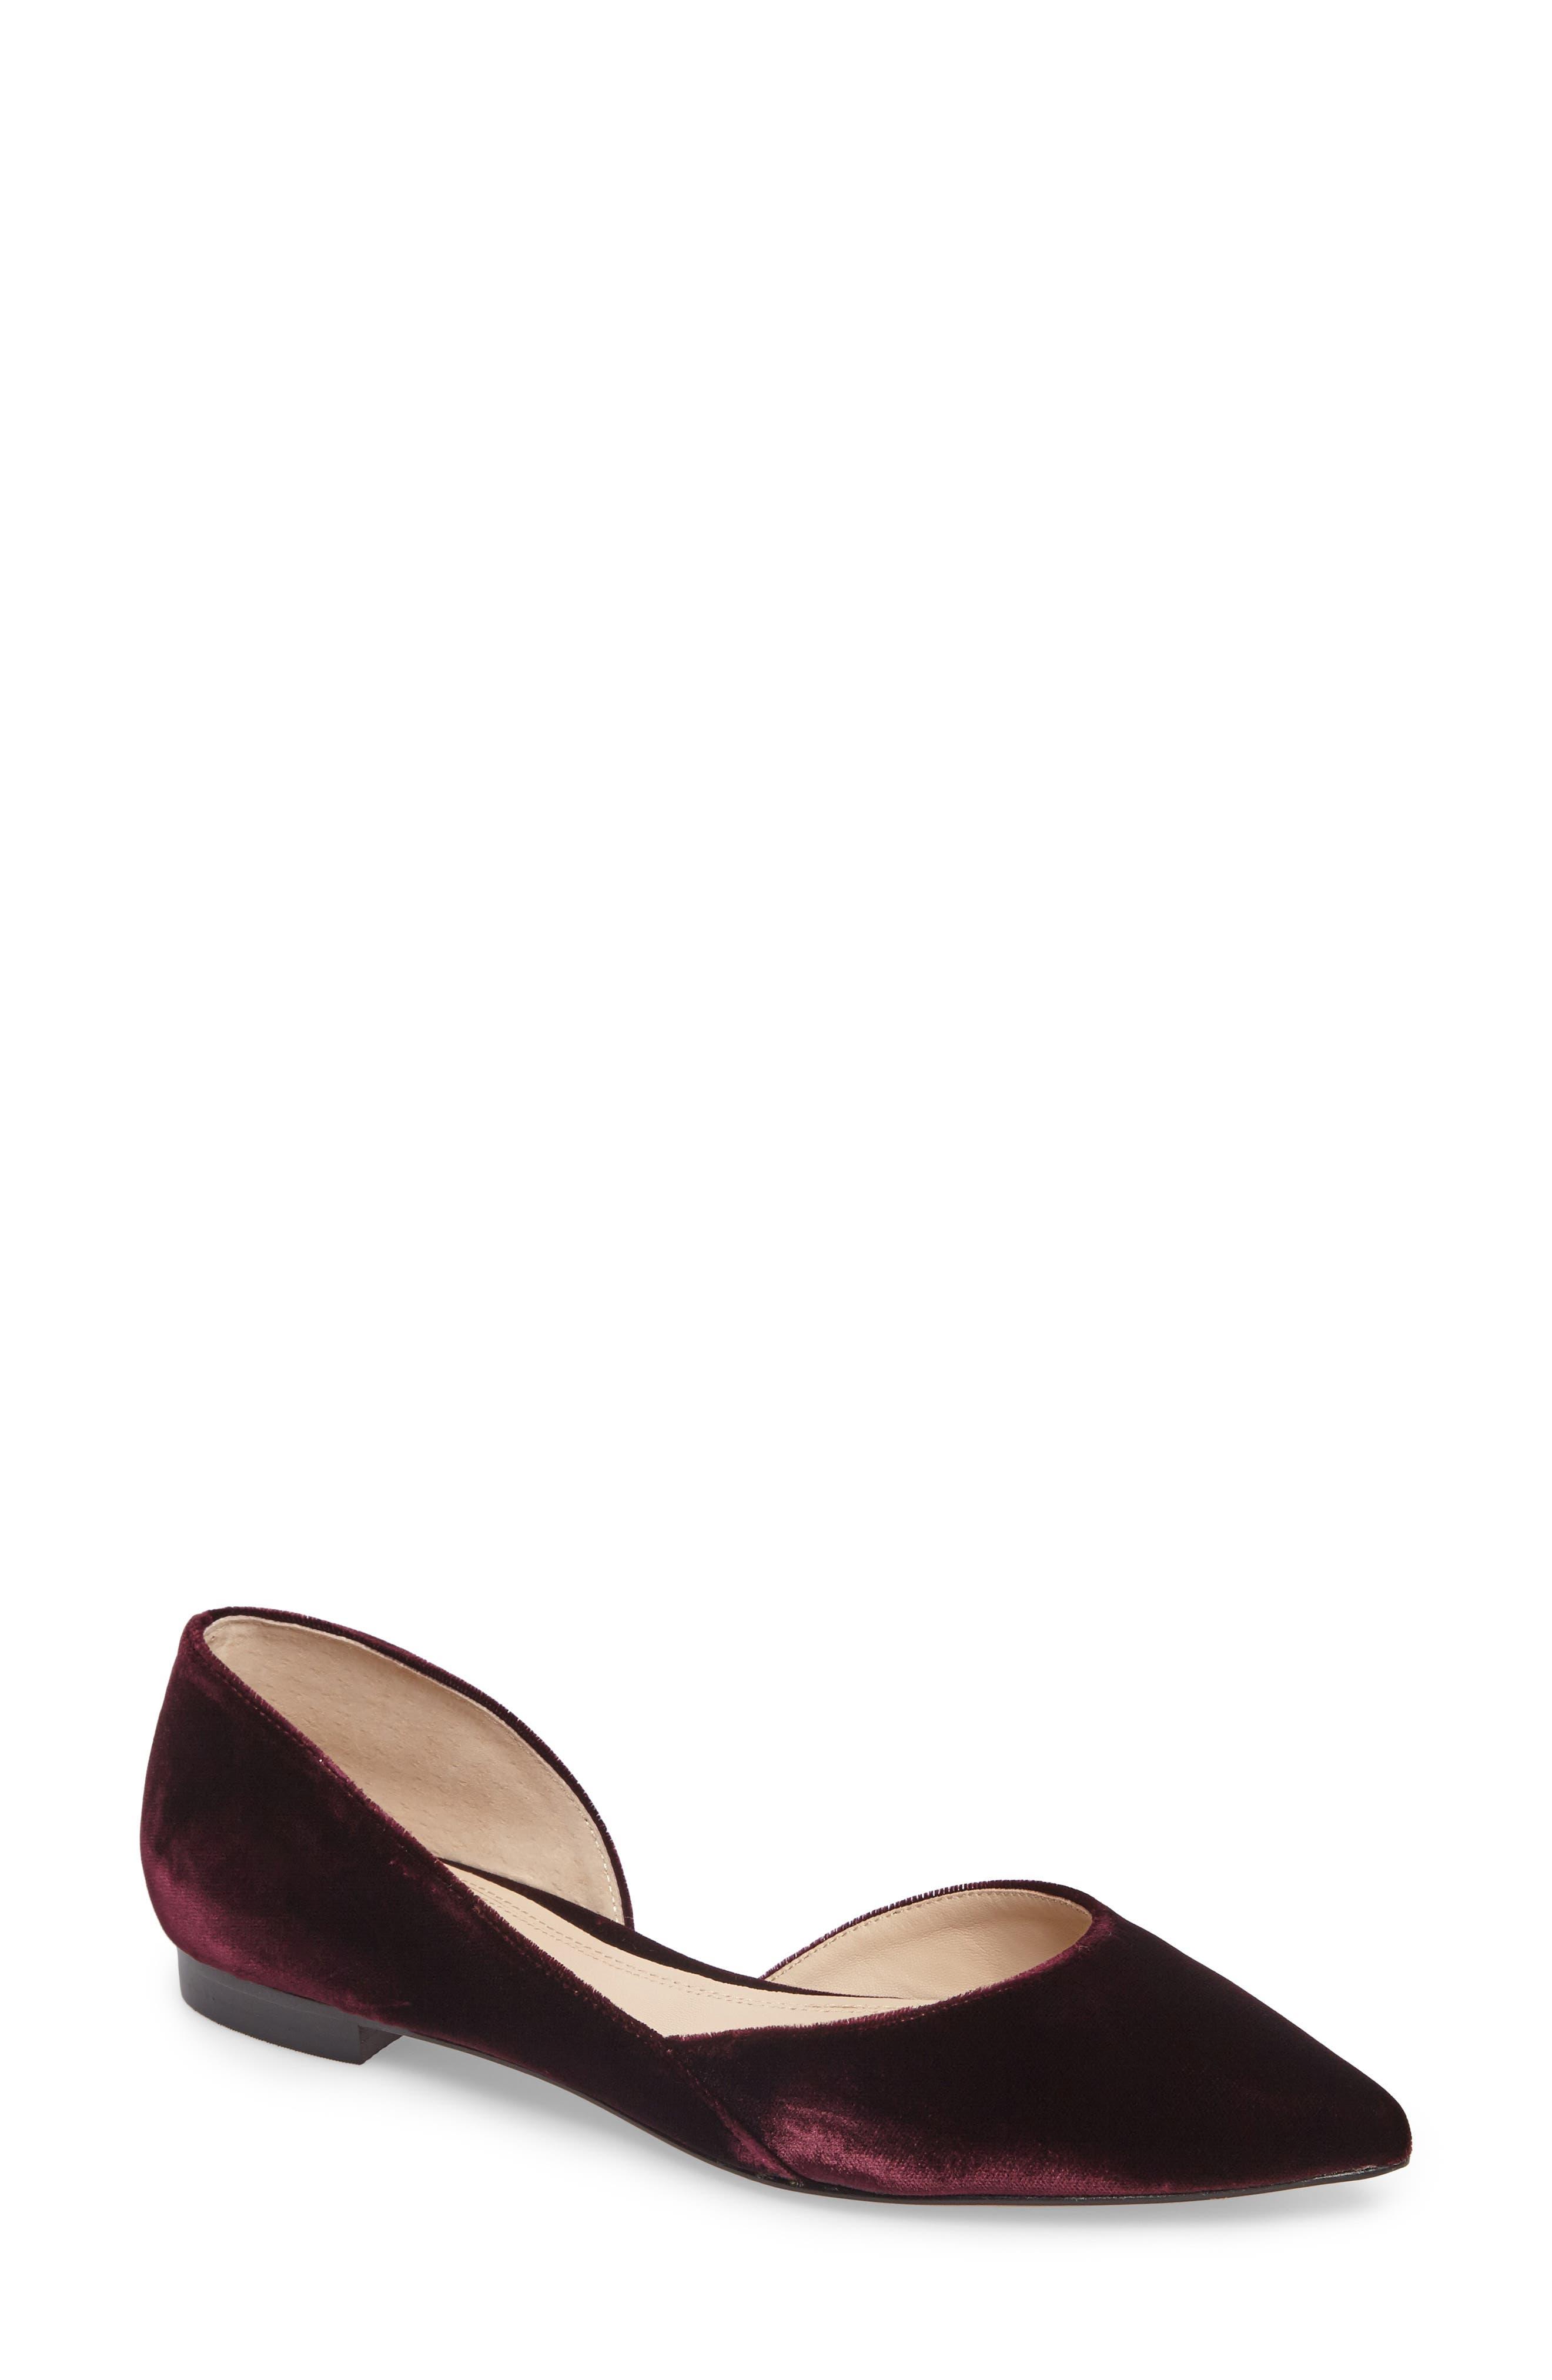 'Sunny' Half d'Orsay Flat,                             Main thumbnail 1, color,                             Burgundy Velvet